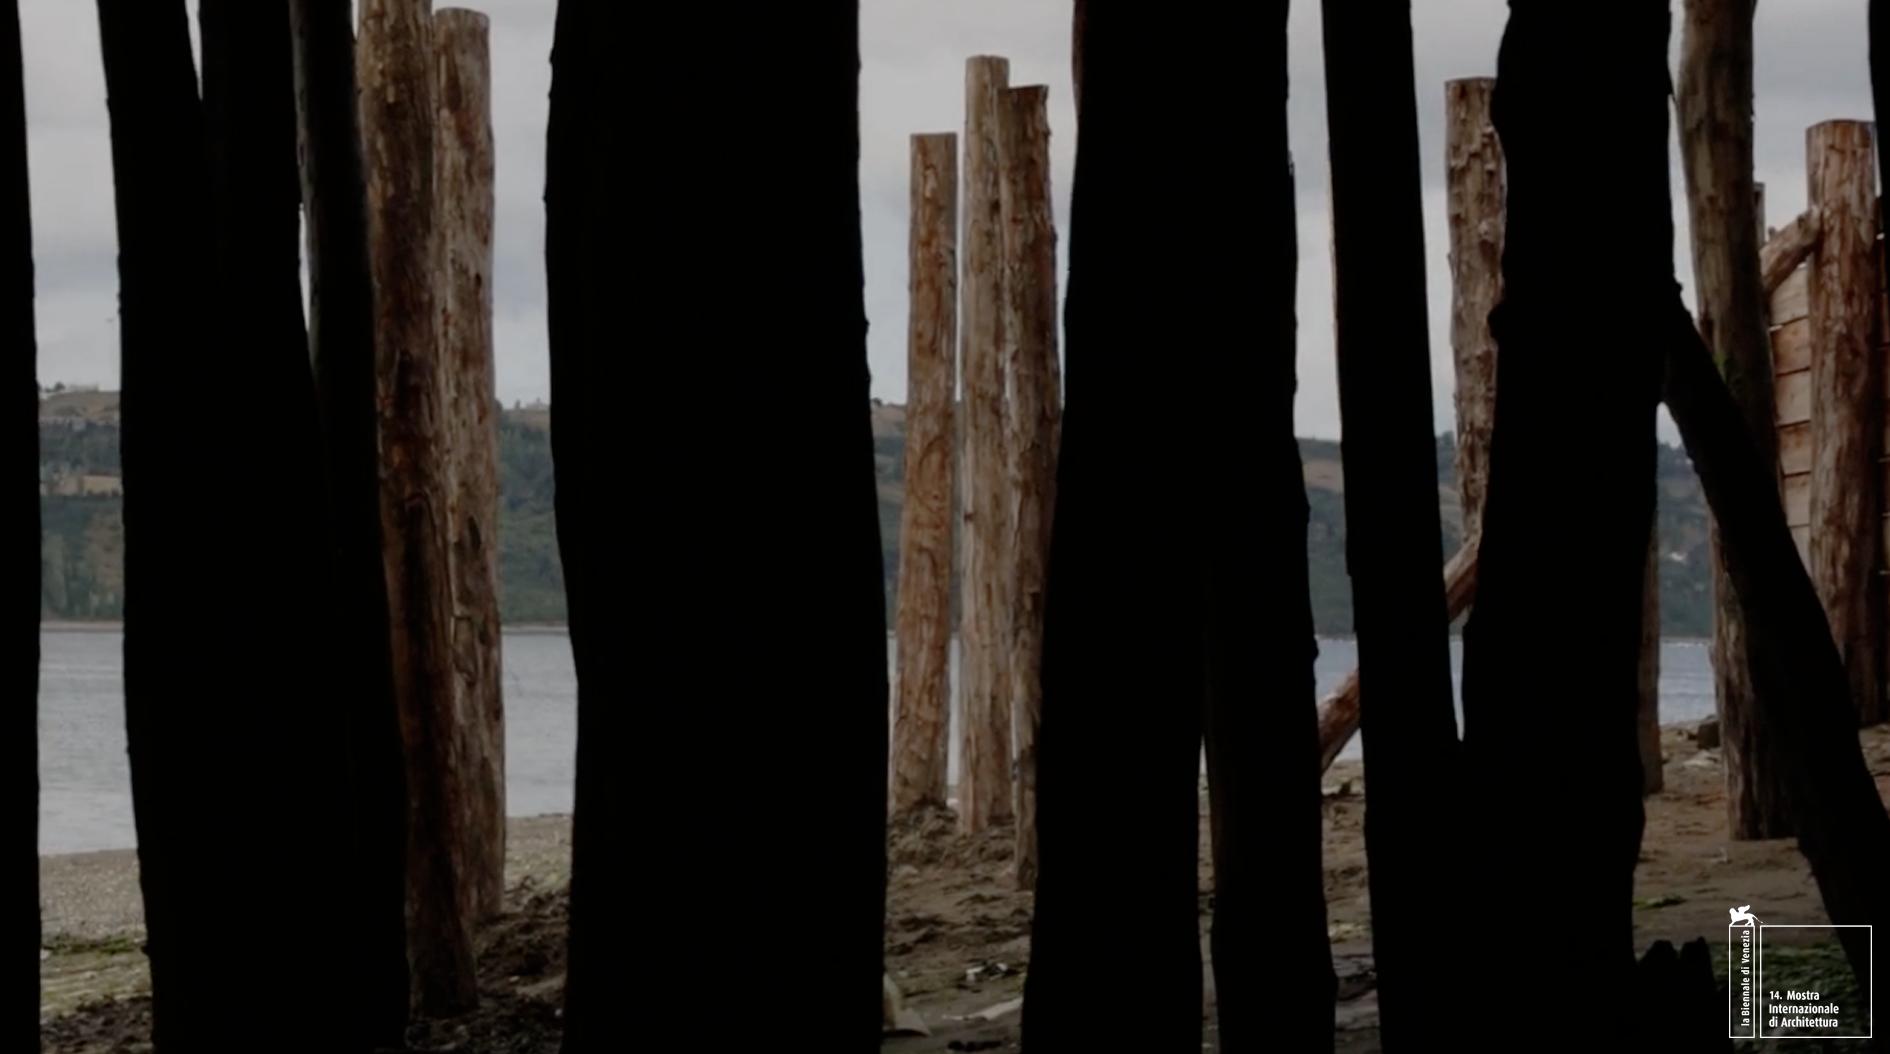 Bienal de Venecia 2014: Participación de arquitectos chilenos en Time, Space, Existence, © Pablo Casals-Aguirre